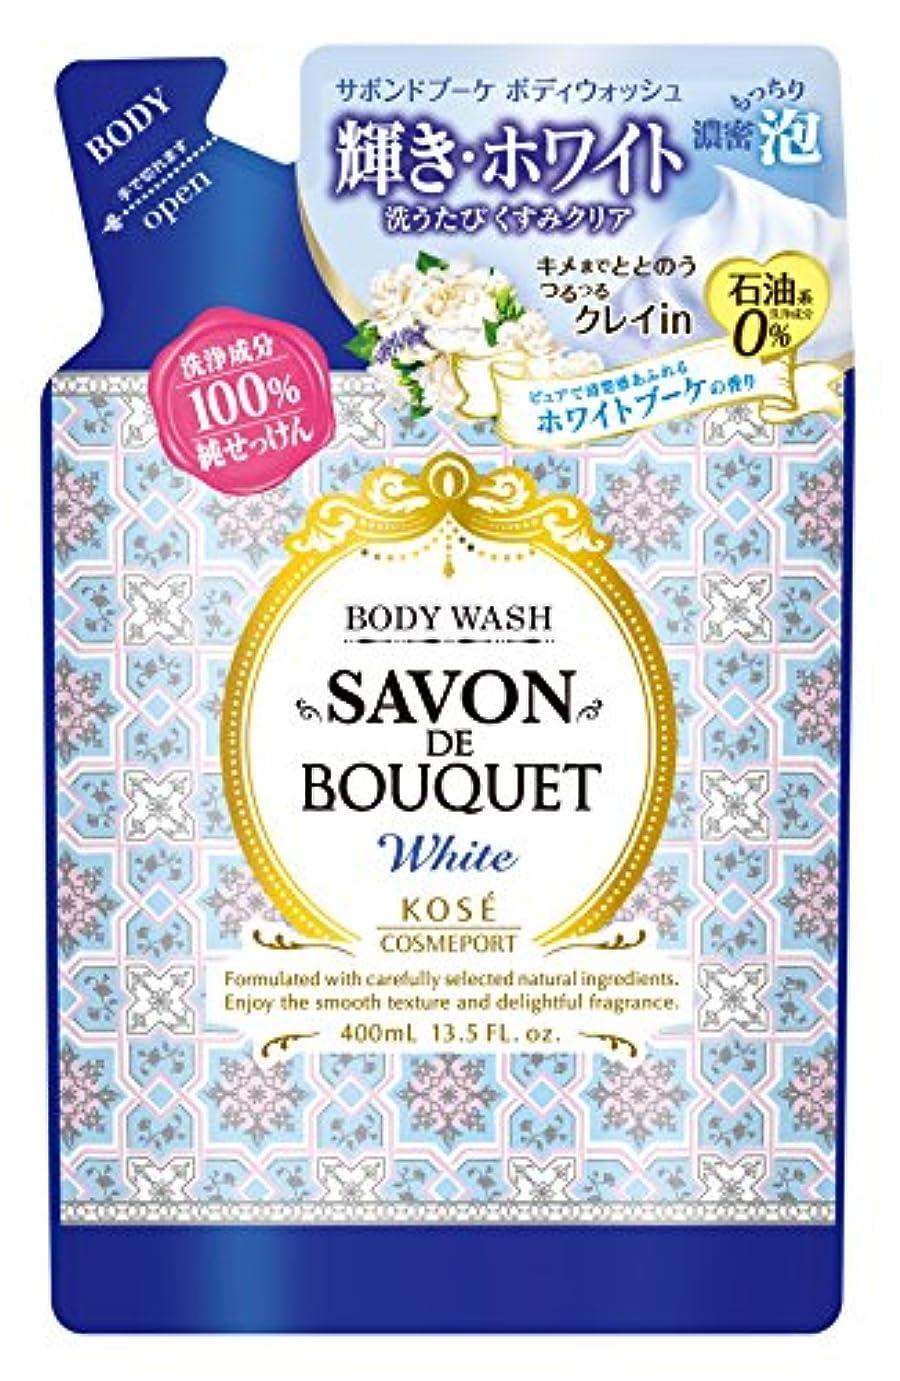 植生潮退却KOSE コーセー サボンドブーケ ホワイト ボディウォッシュ 100%純せっけん 詰め替え 400ml